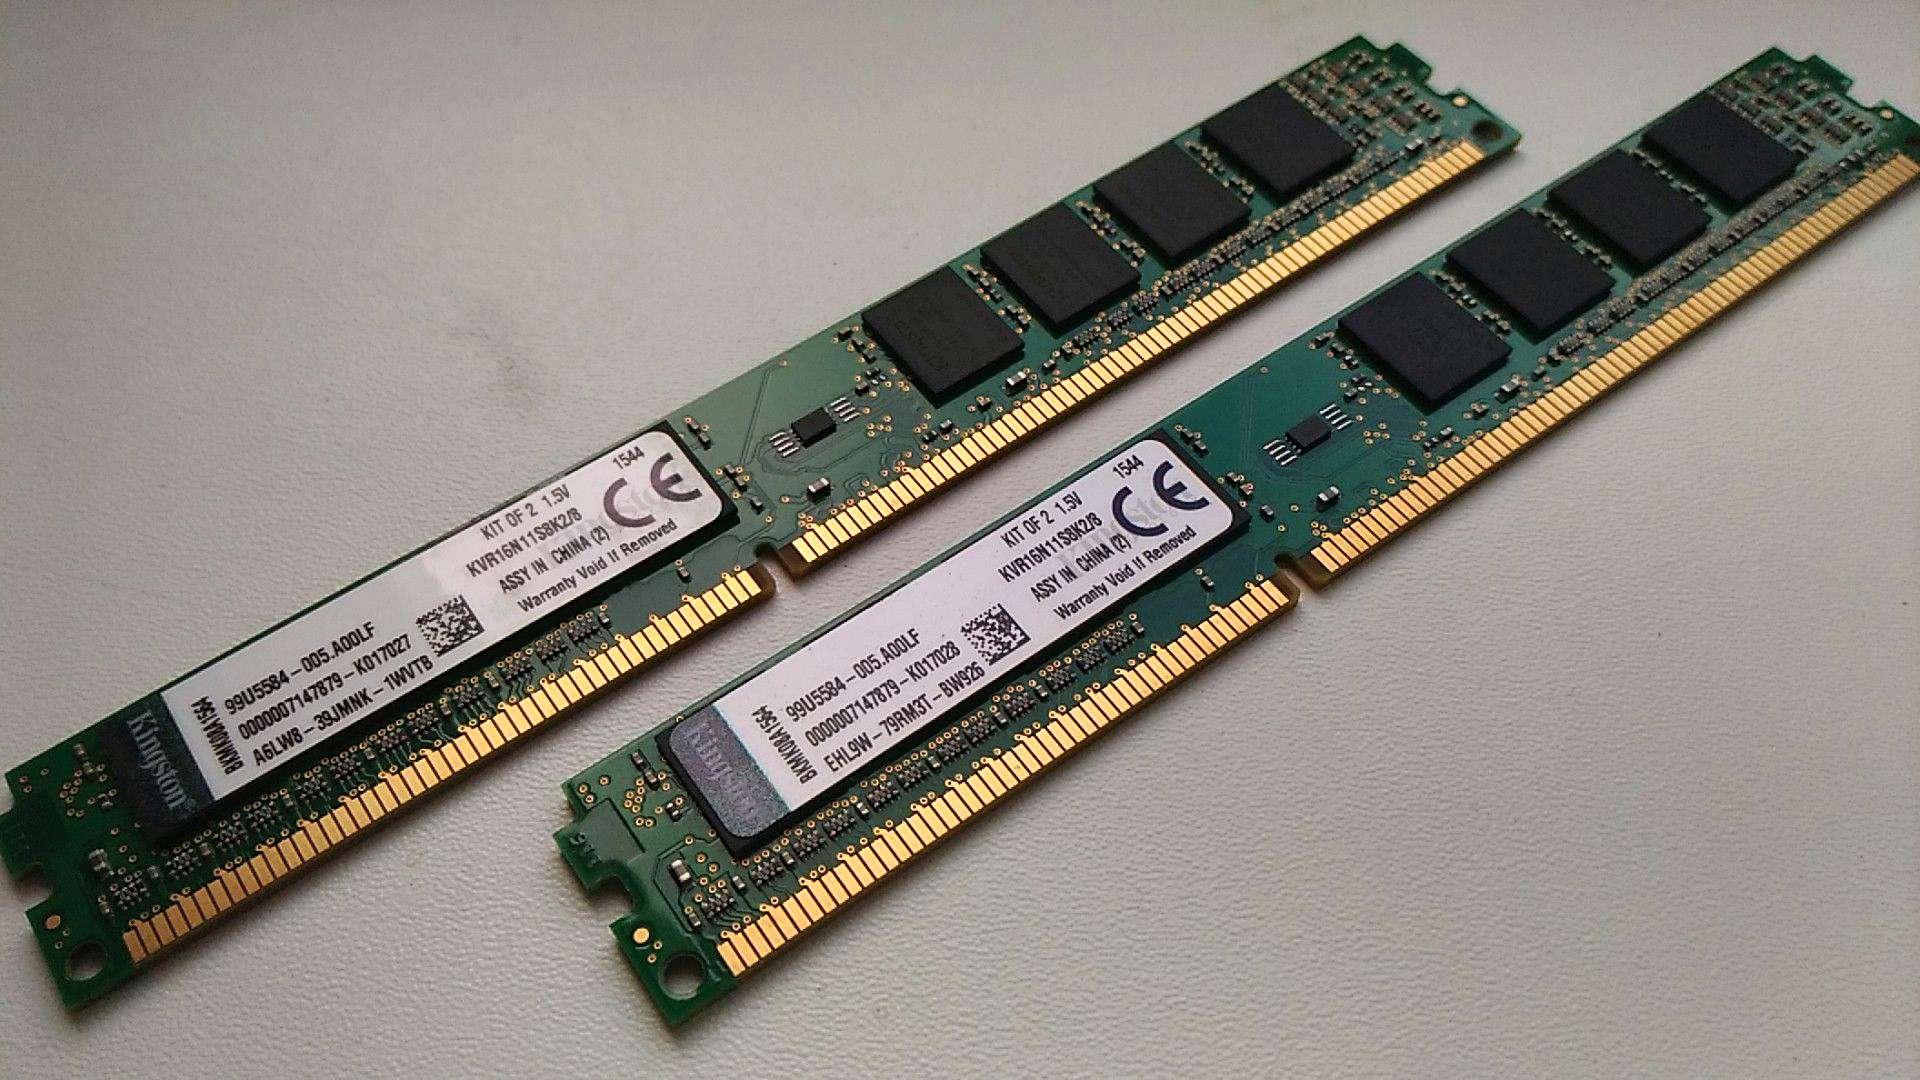 Оперативная память Kingston РСЗ-12800 DDR3